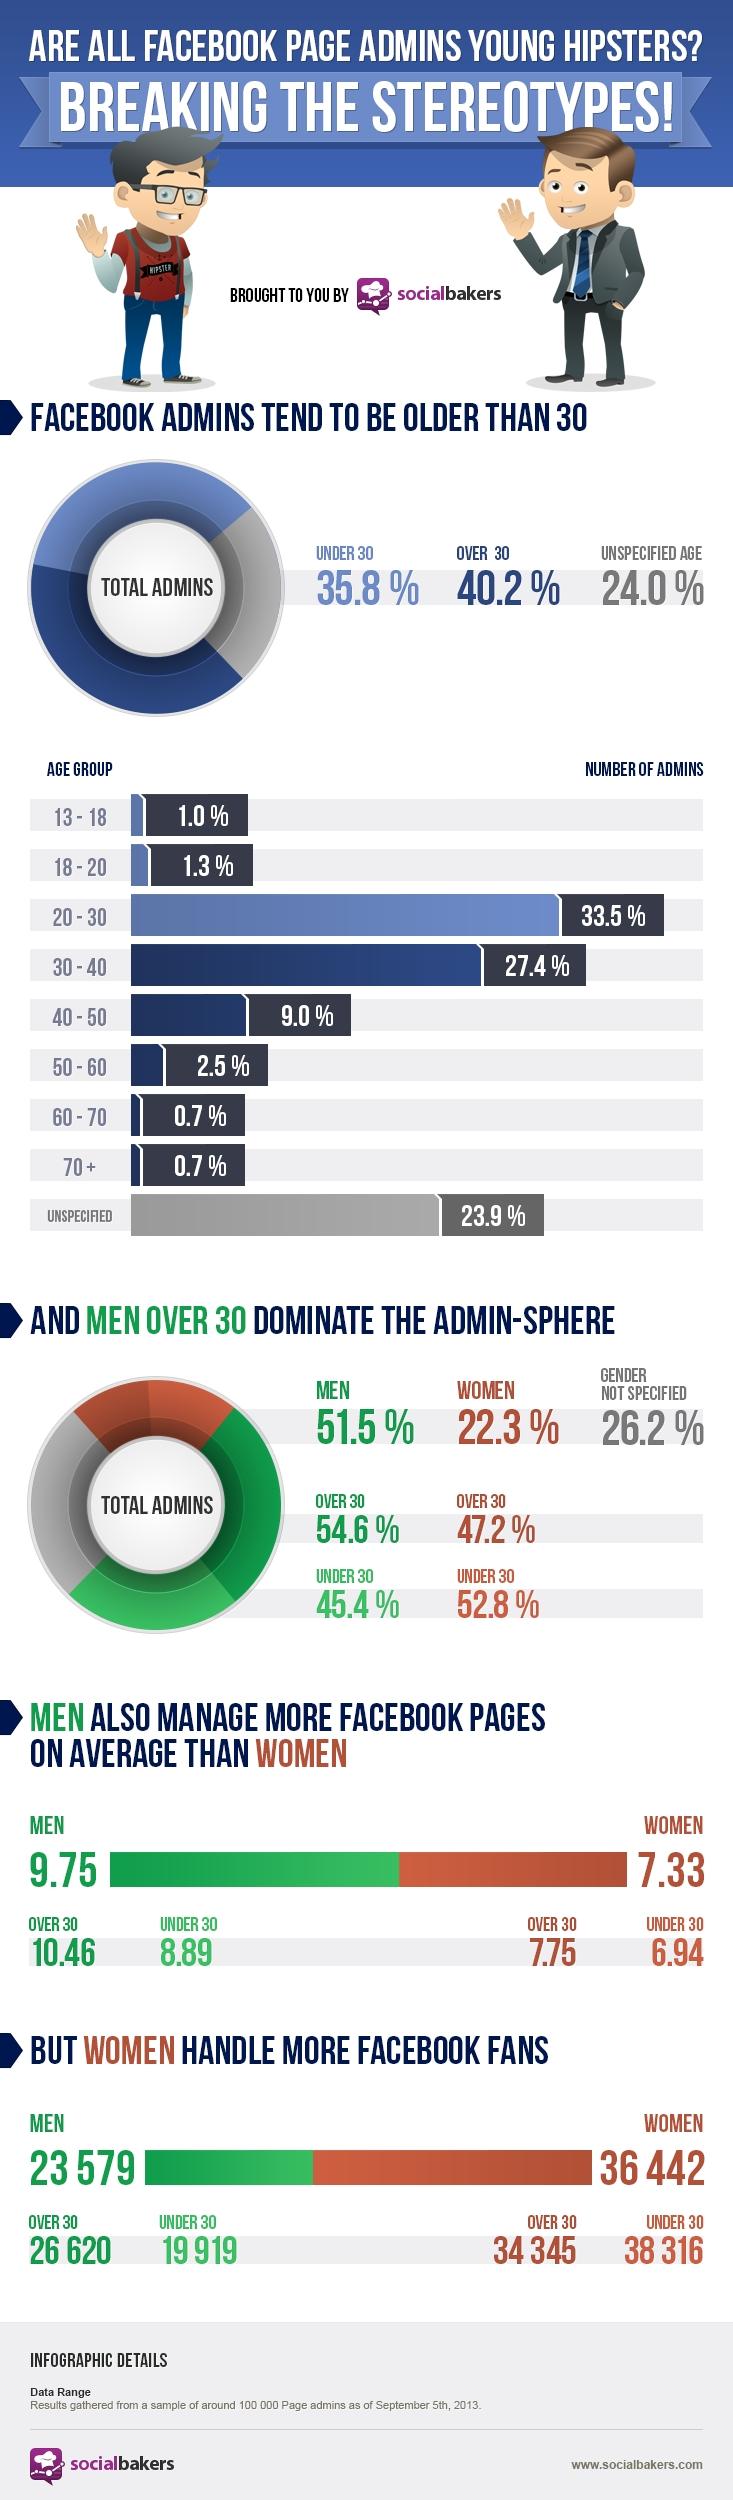 Social medai admin page distribution